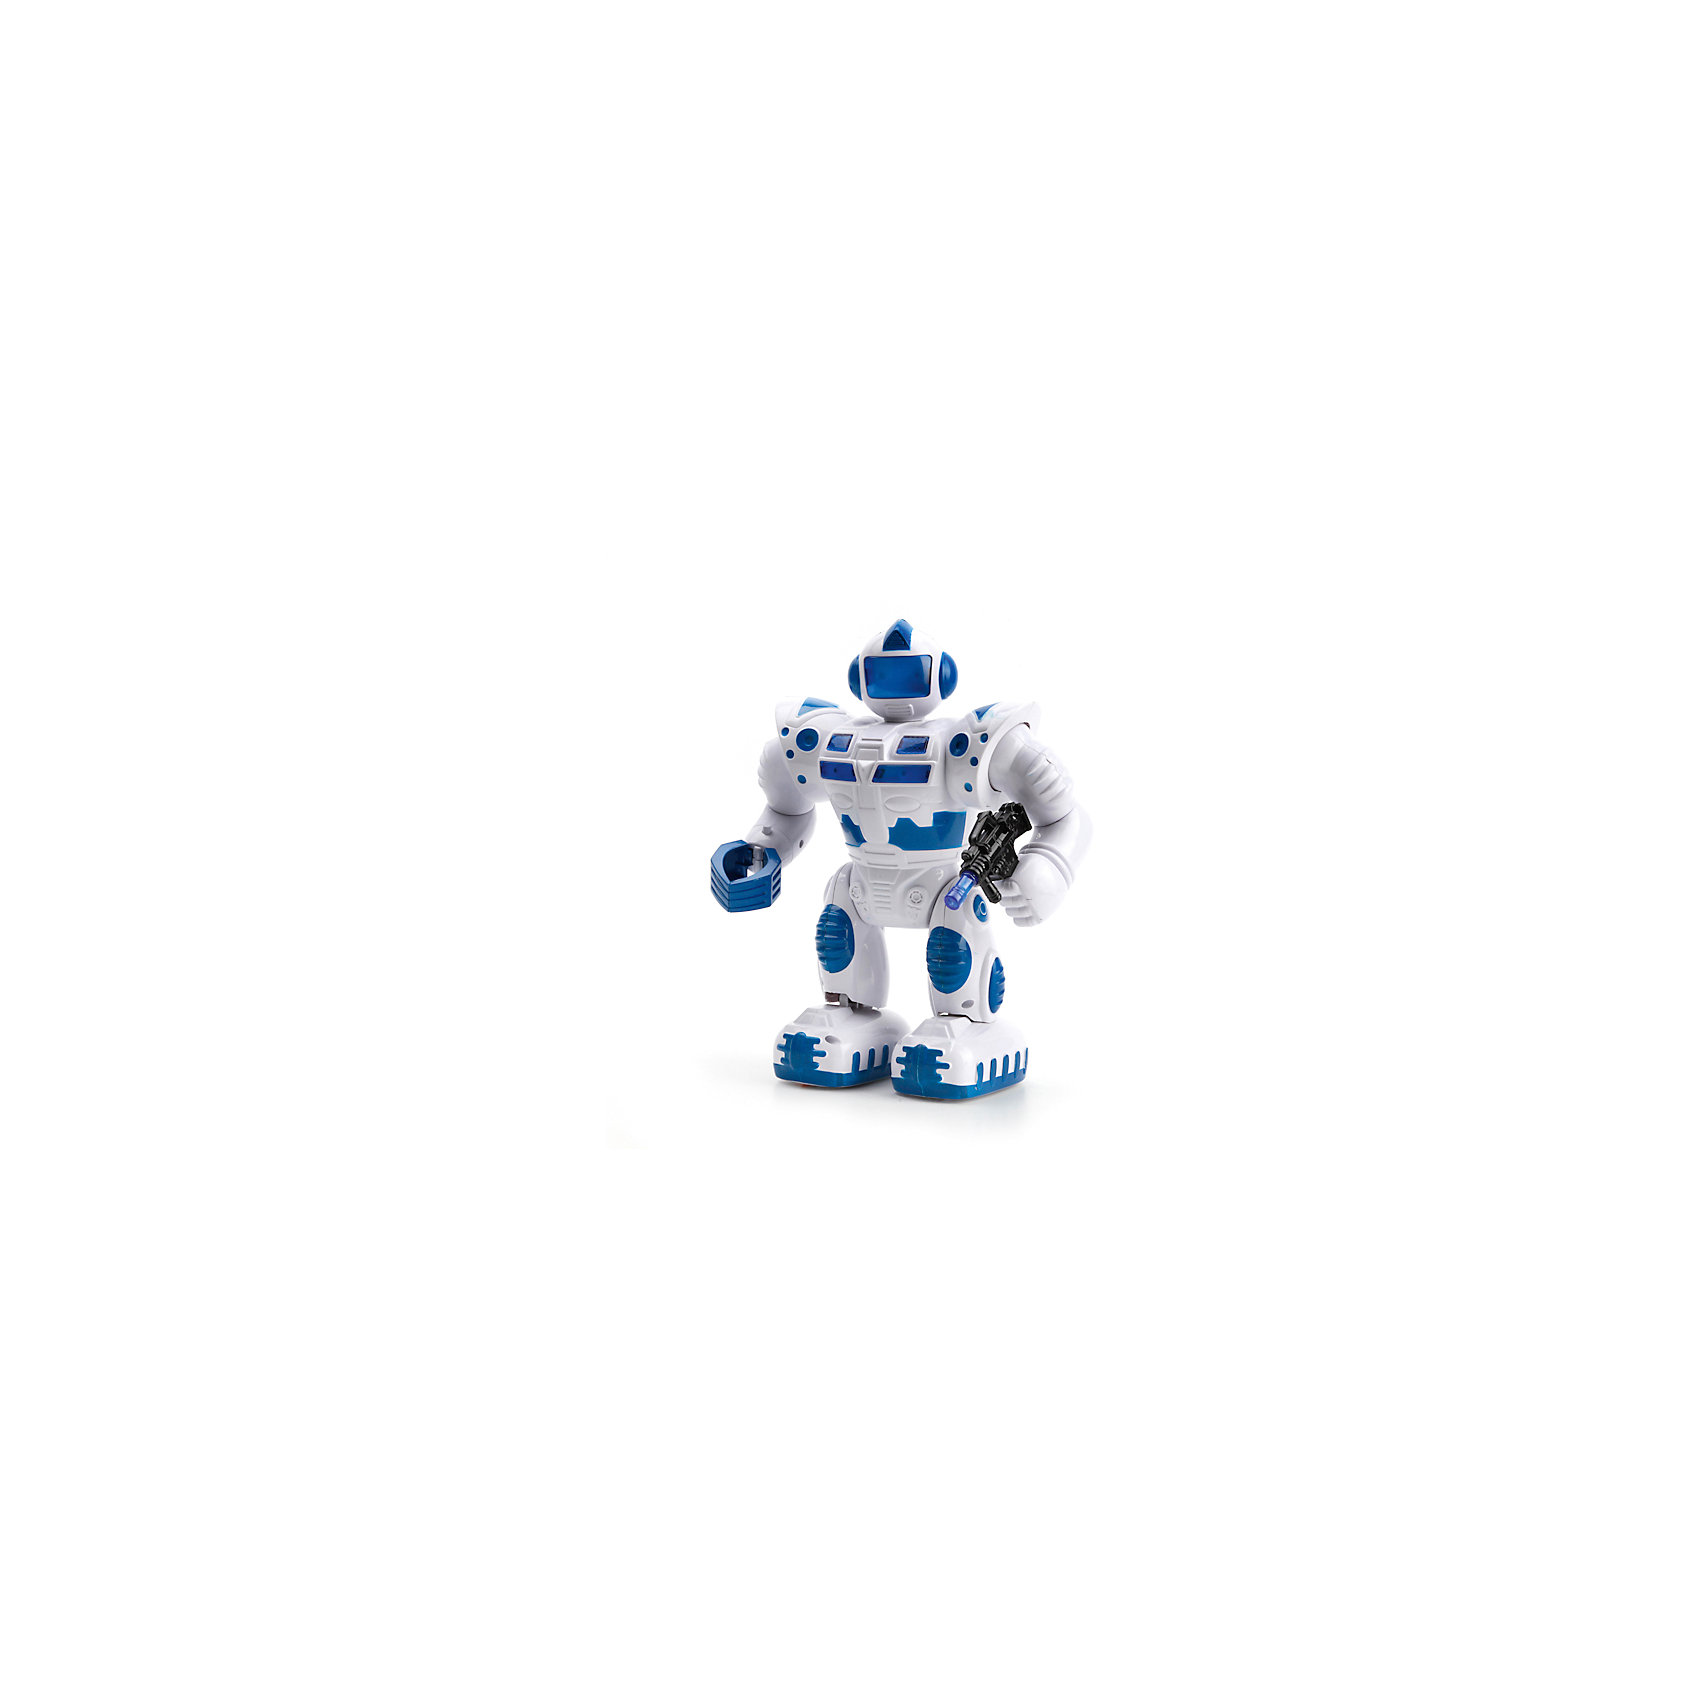 Интерактивный игрушка Играем вместе Робот (свет, звук, движение)Роботы-игрушки<br><br><br>Ширина мм: 290<br>Глубина мм: 130<br>Высота мм: 220<br>Вес г: 730<br>Возраст от месяцев: 36<br>Возраст до месяцев: 84<br>Пол: Унисекс<br>Возраст: Детский<br>SKU: 7168151